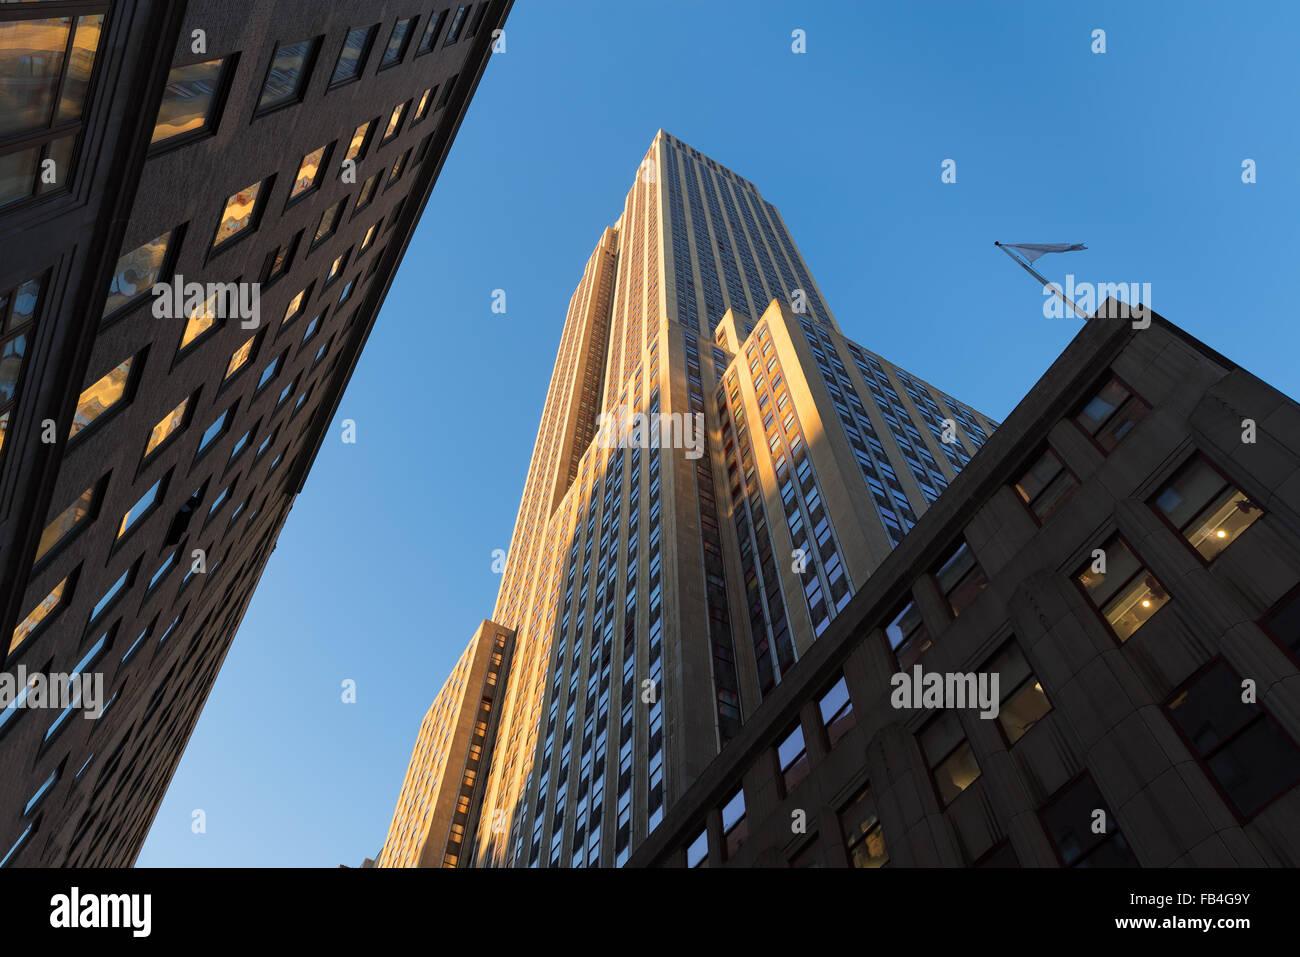 Empire State Building al tramonto dal di sotto. Basso angolo di visione dell'Art Deco grattacielo situato in Immagini Stock